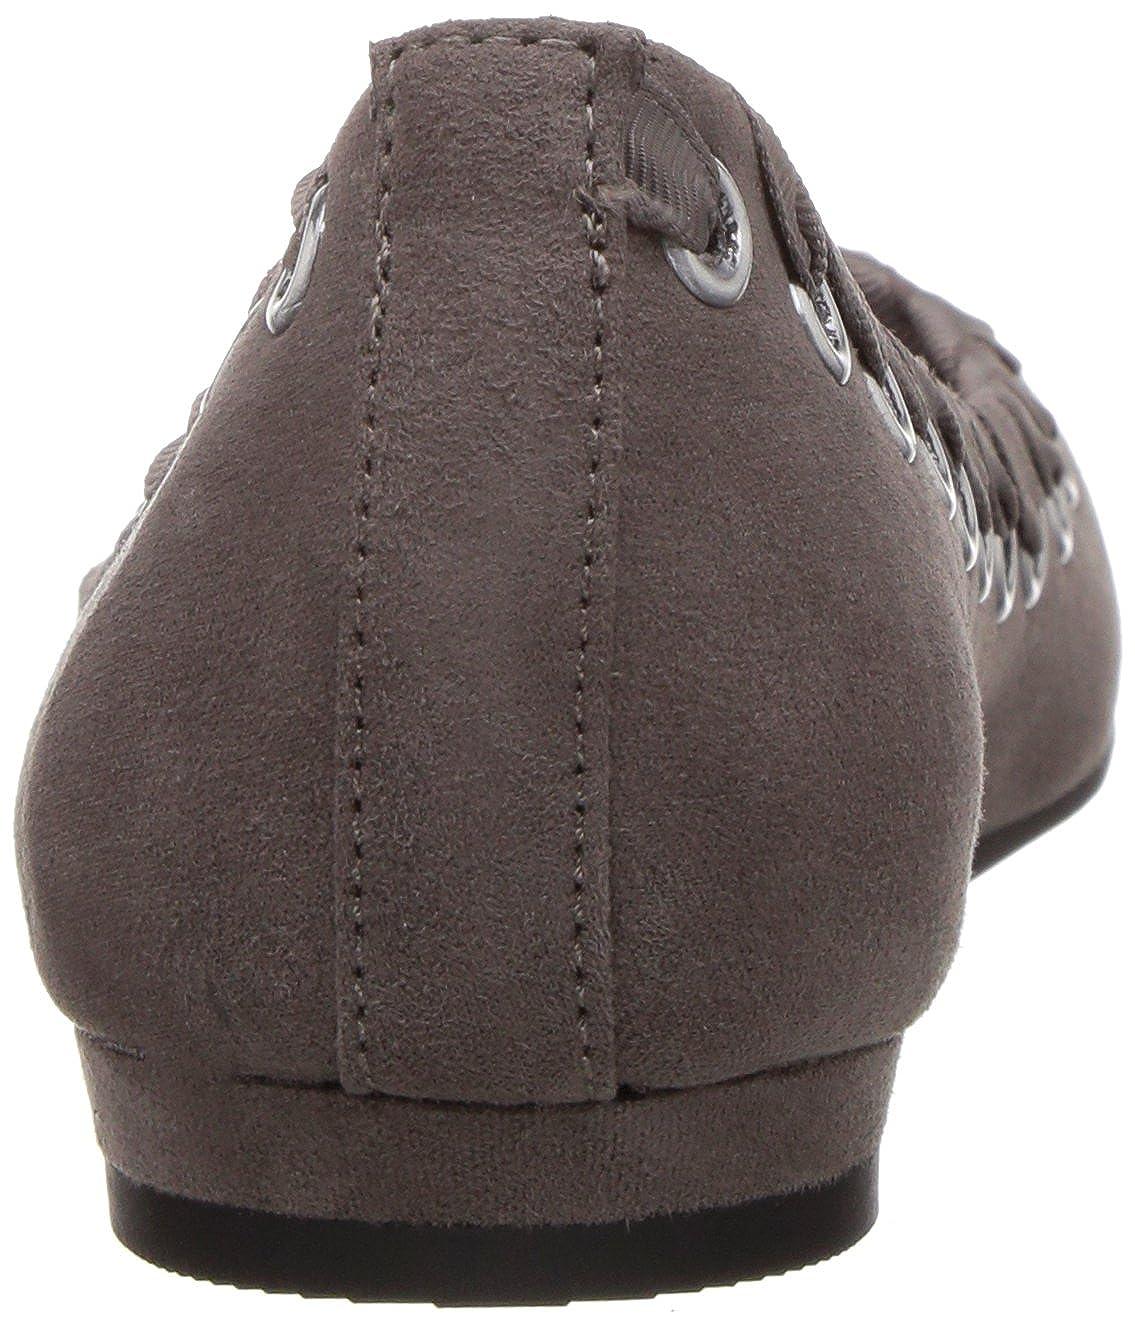 Fergalicious Frauen  Flache Schuhe  Frauen Grau badfb3